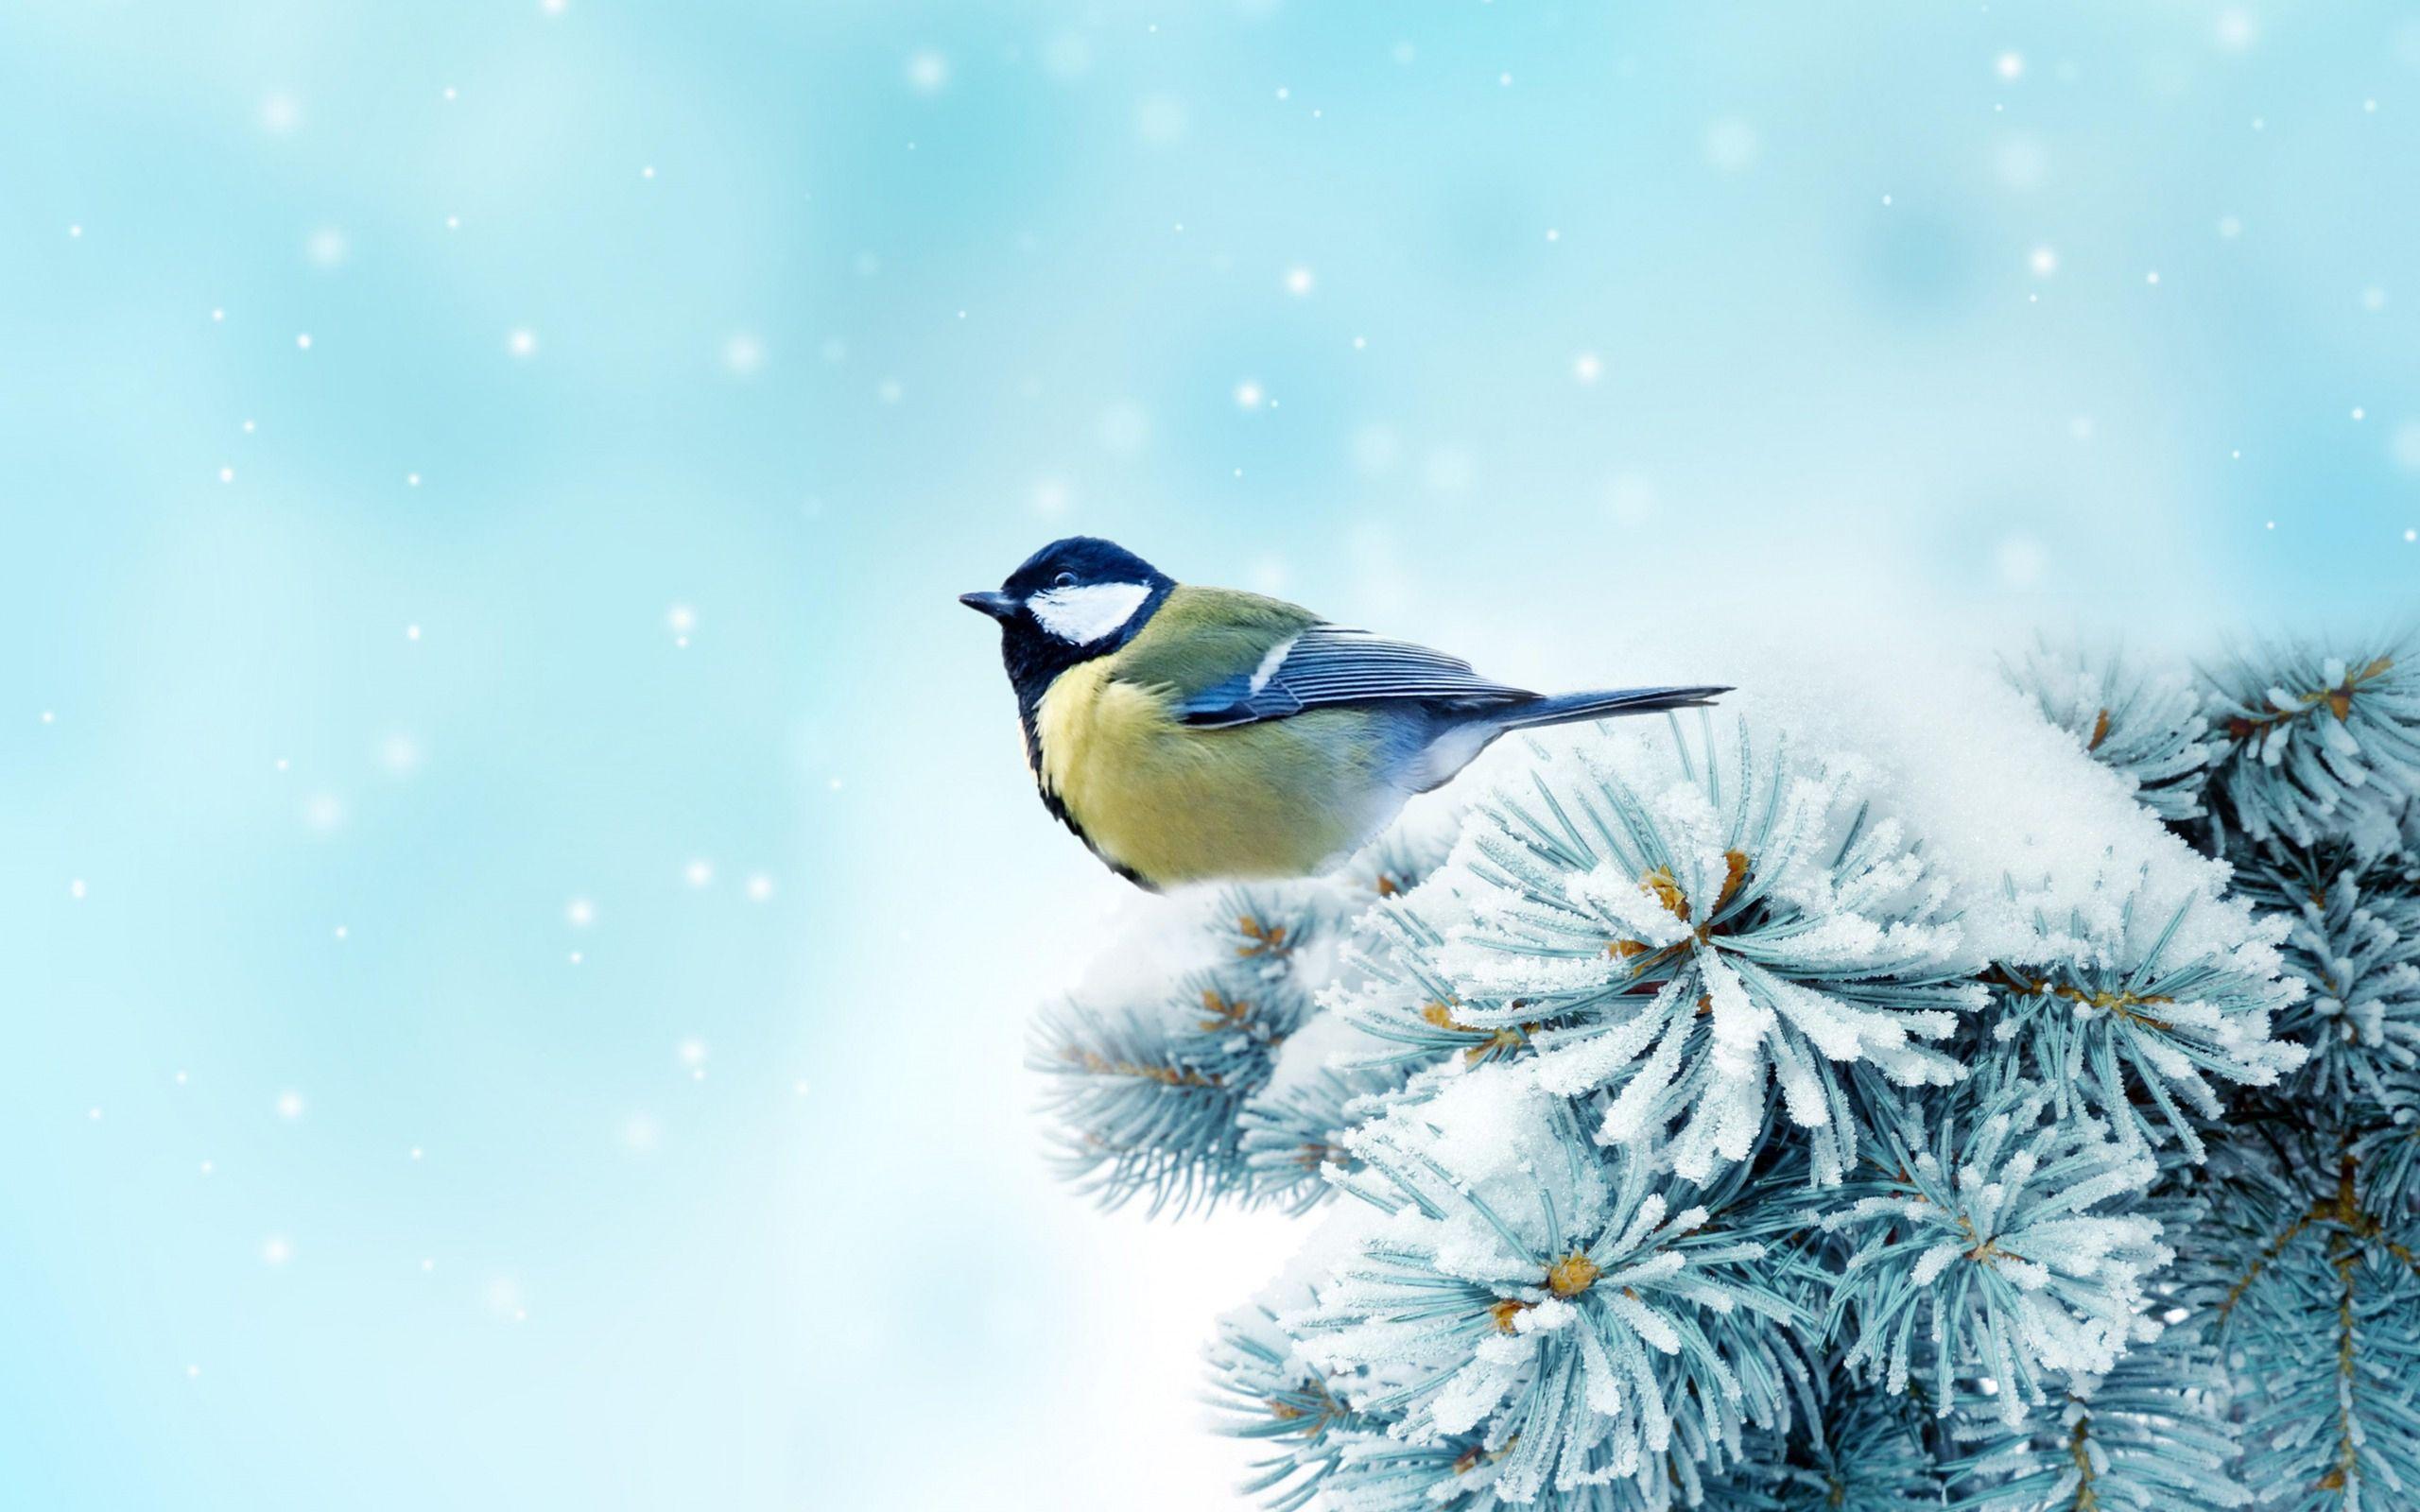 Yellow Snow Bird Winter Snow Wallpaper Bird Wallpaper Birds